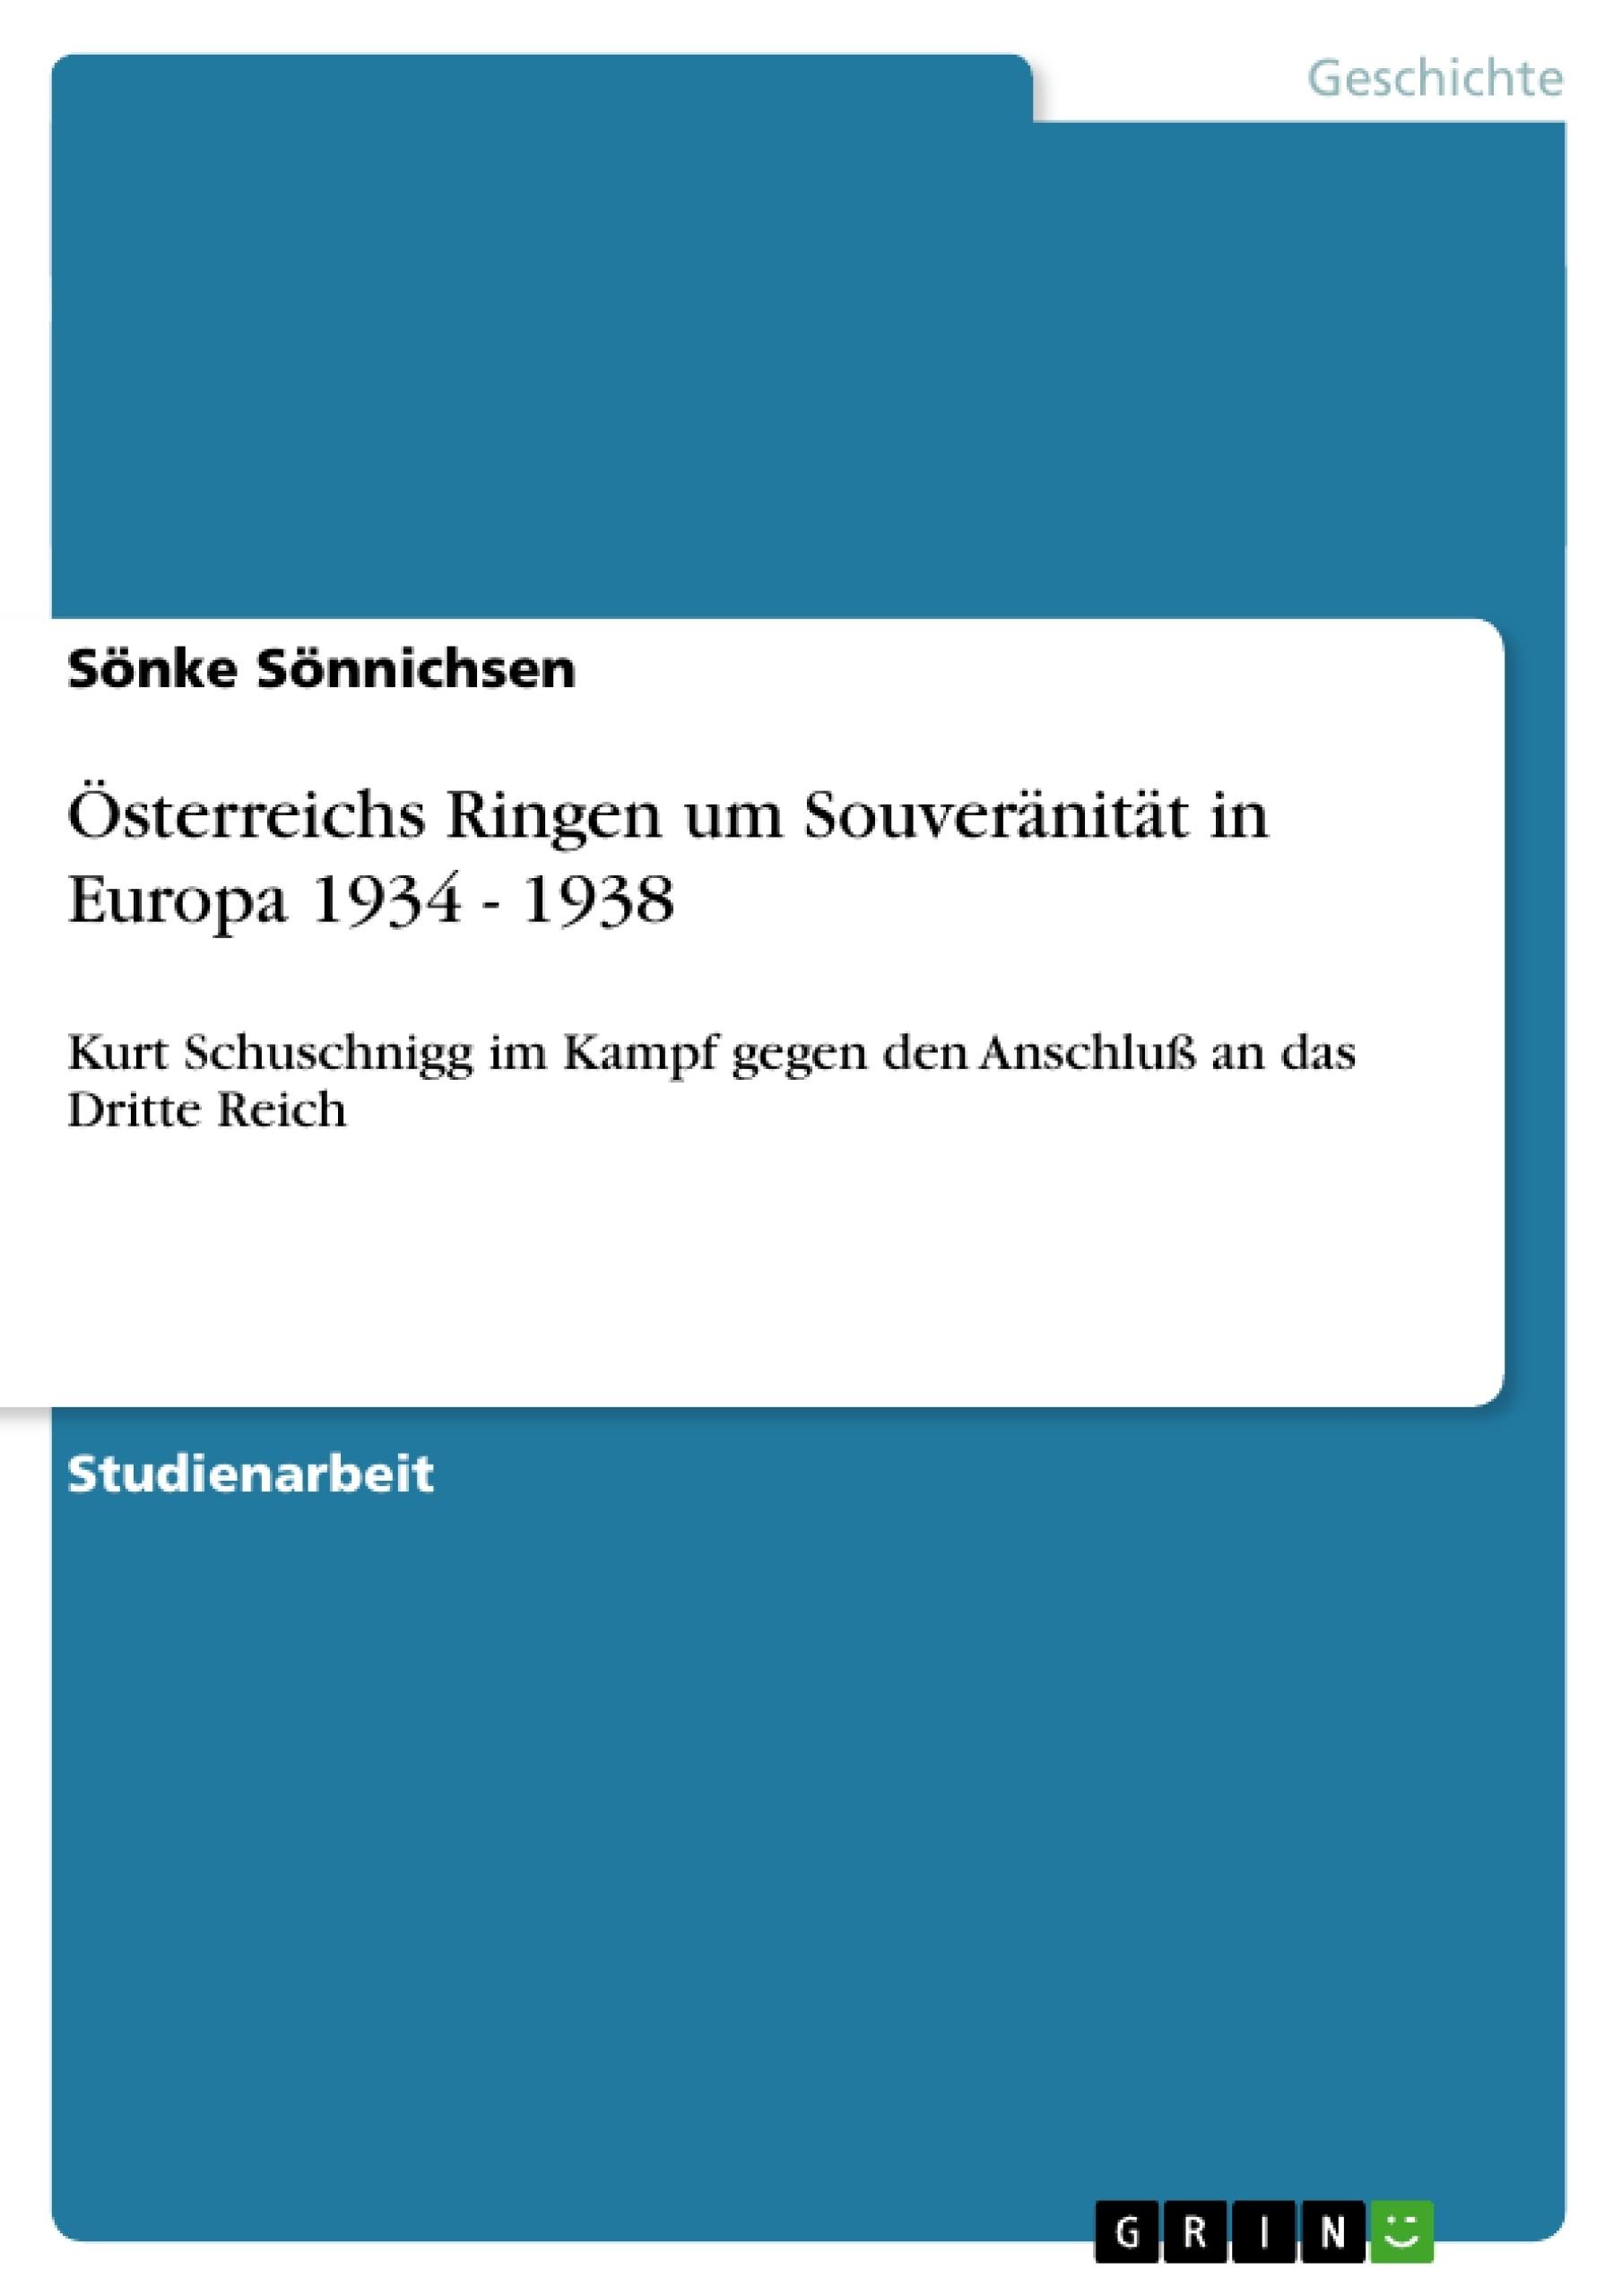 Titel: Österreichs Ringen um Souveränität in Europa 1934 - 1938